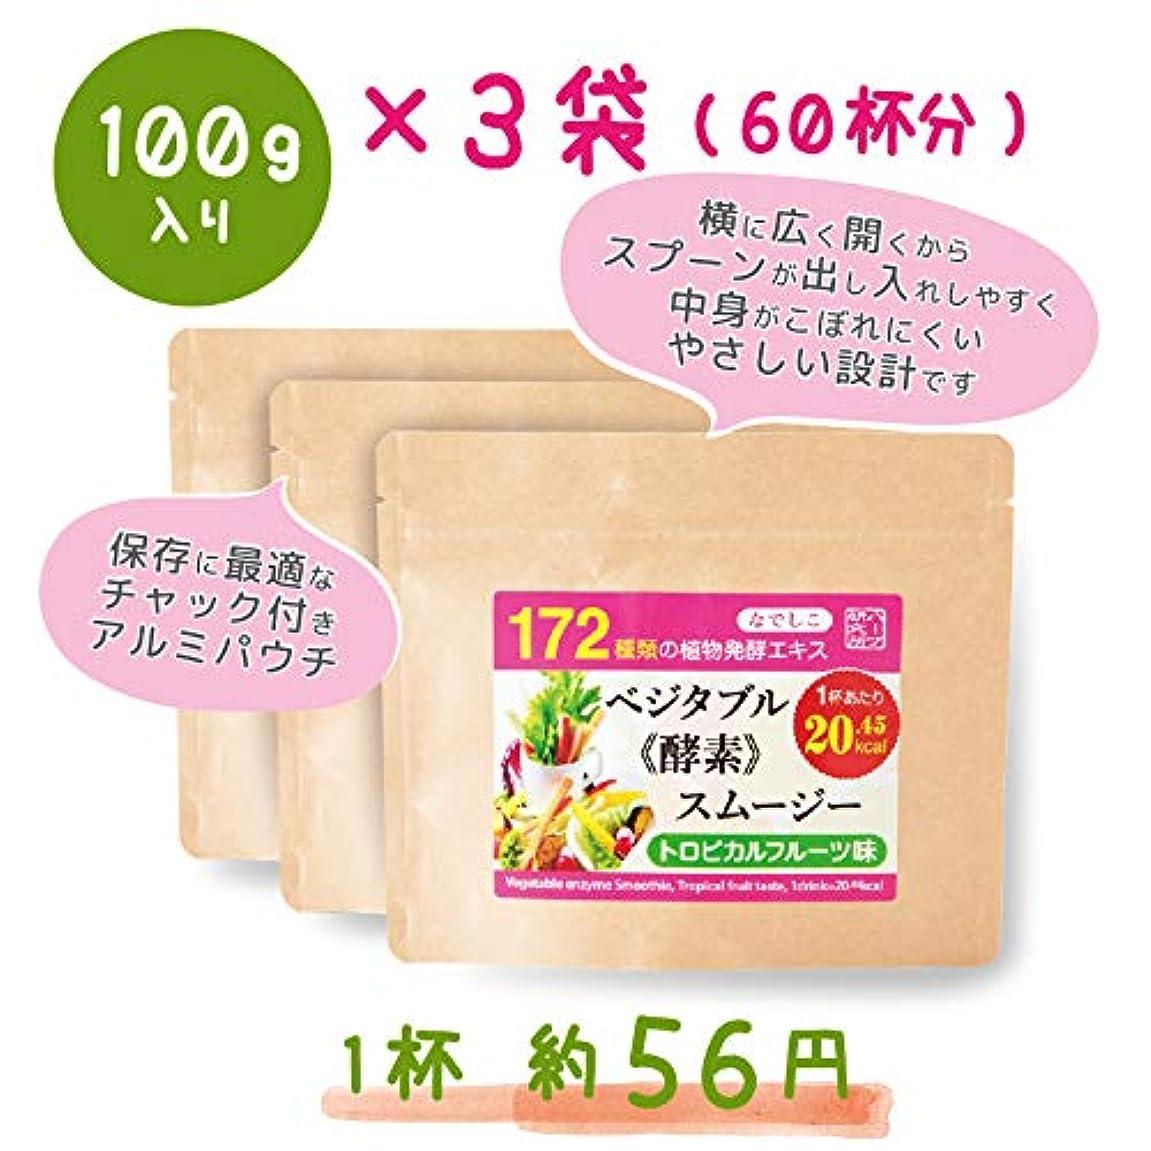 アーティスト子供達成果なでしこ ベジタブル酵素入り グリーンスムージー(トロピカルフルーツ味)300g (100g×3パック)で20%OFF